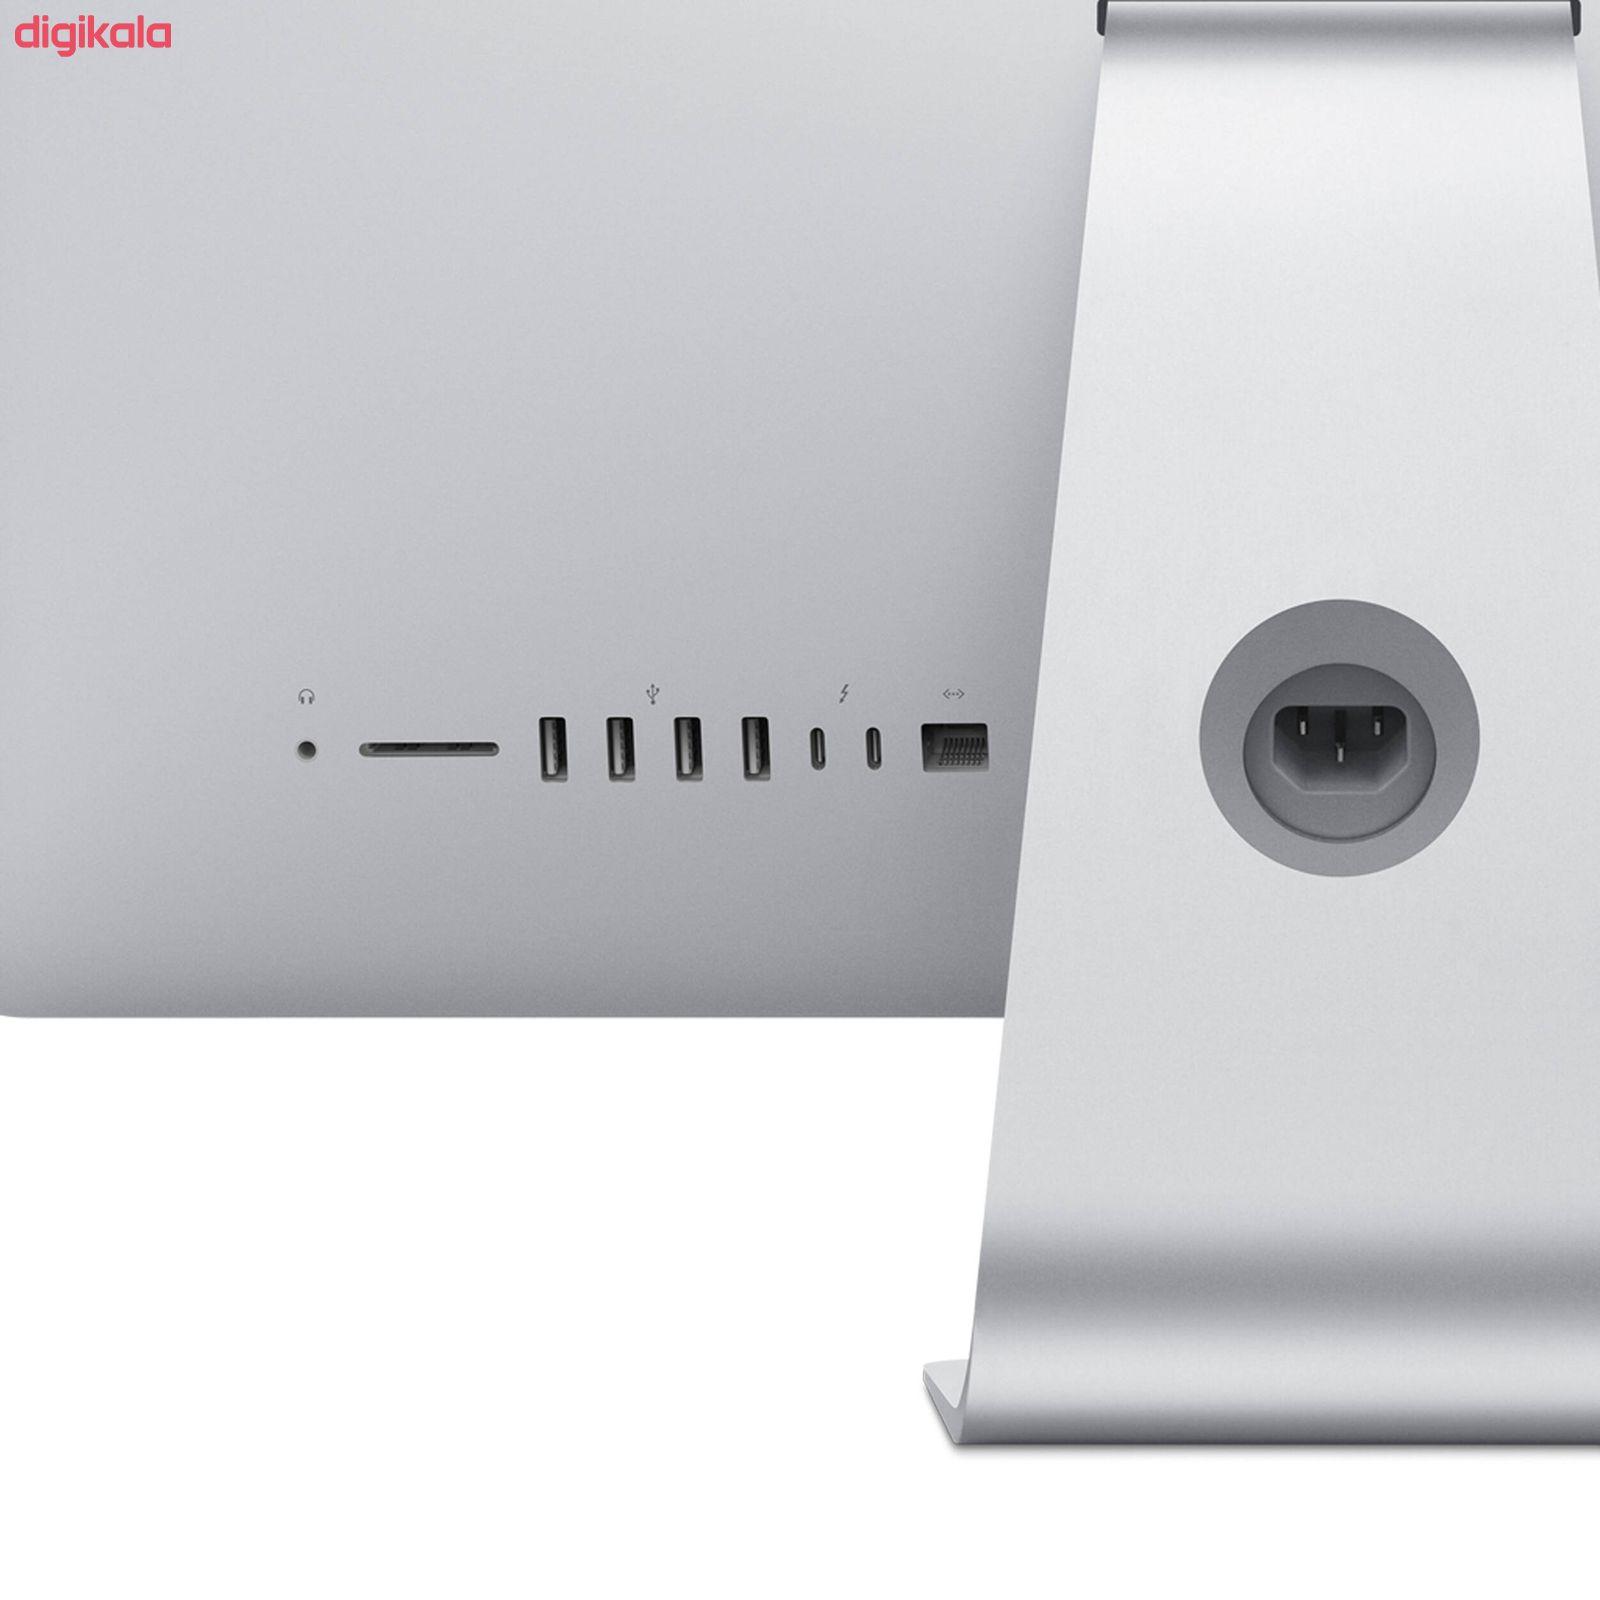 کامپیوتر همه کاره 21.5 اینچی اپل مدل iMac MHK03 2020 main 1 3